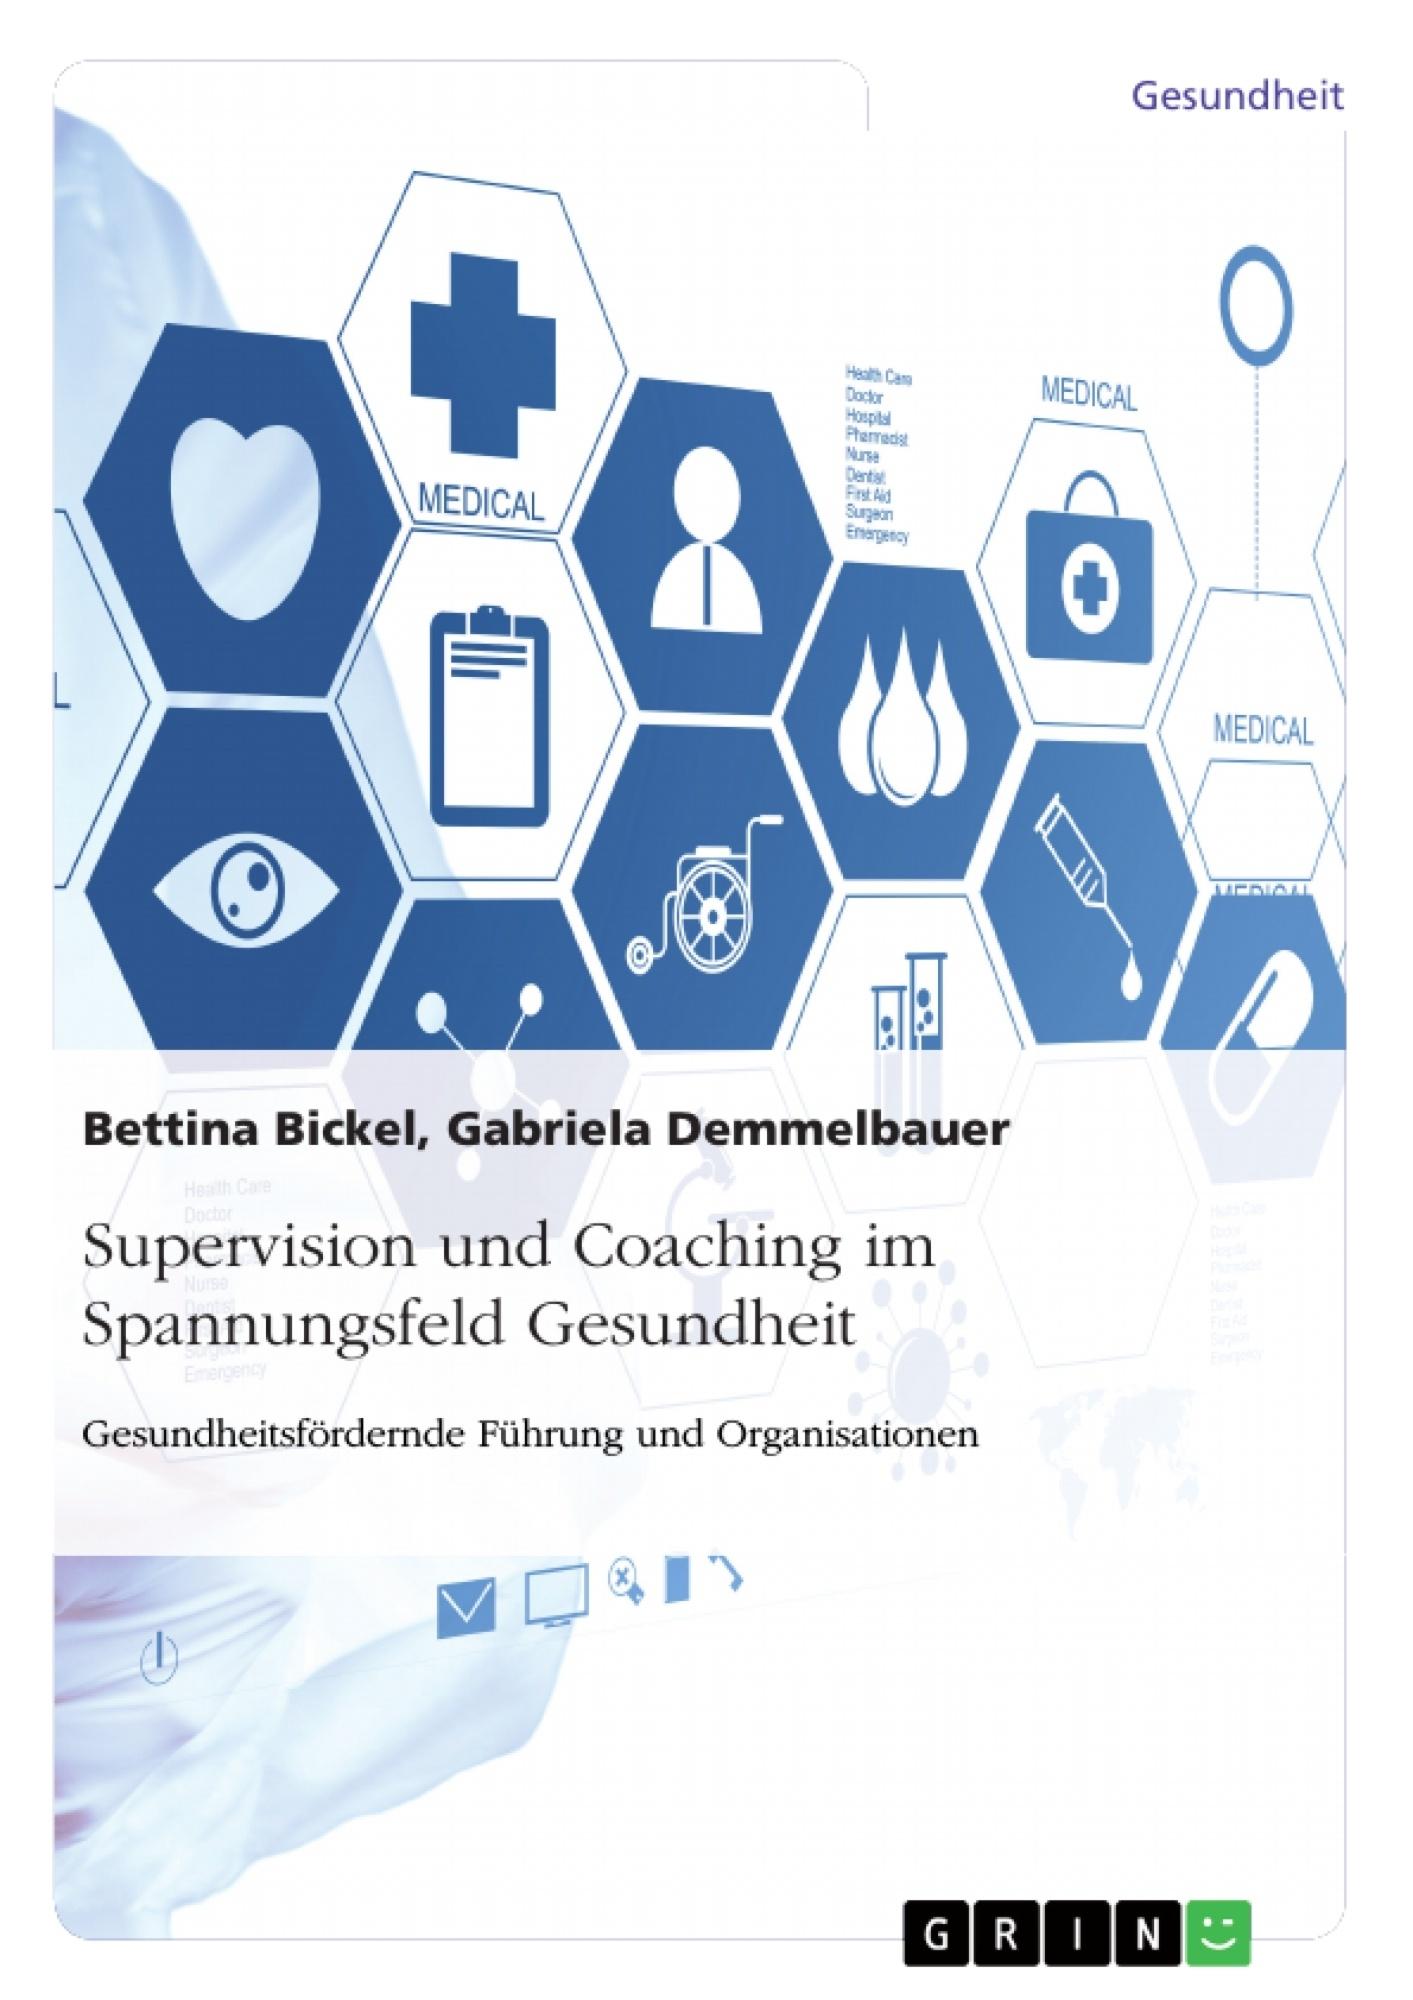 Titel: Supervision und Coaching im Spannungsfeld Gesundheit. Gesundheitsfördernde Führung und Organisationen